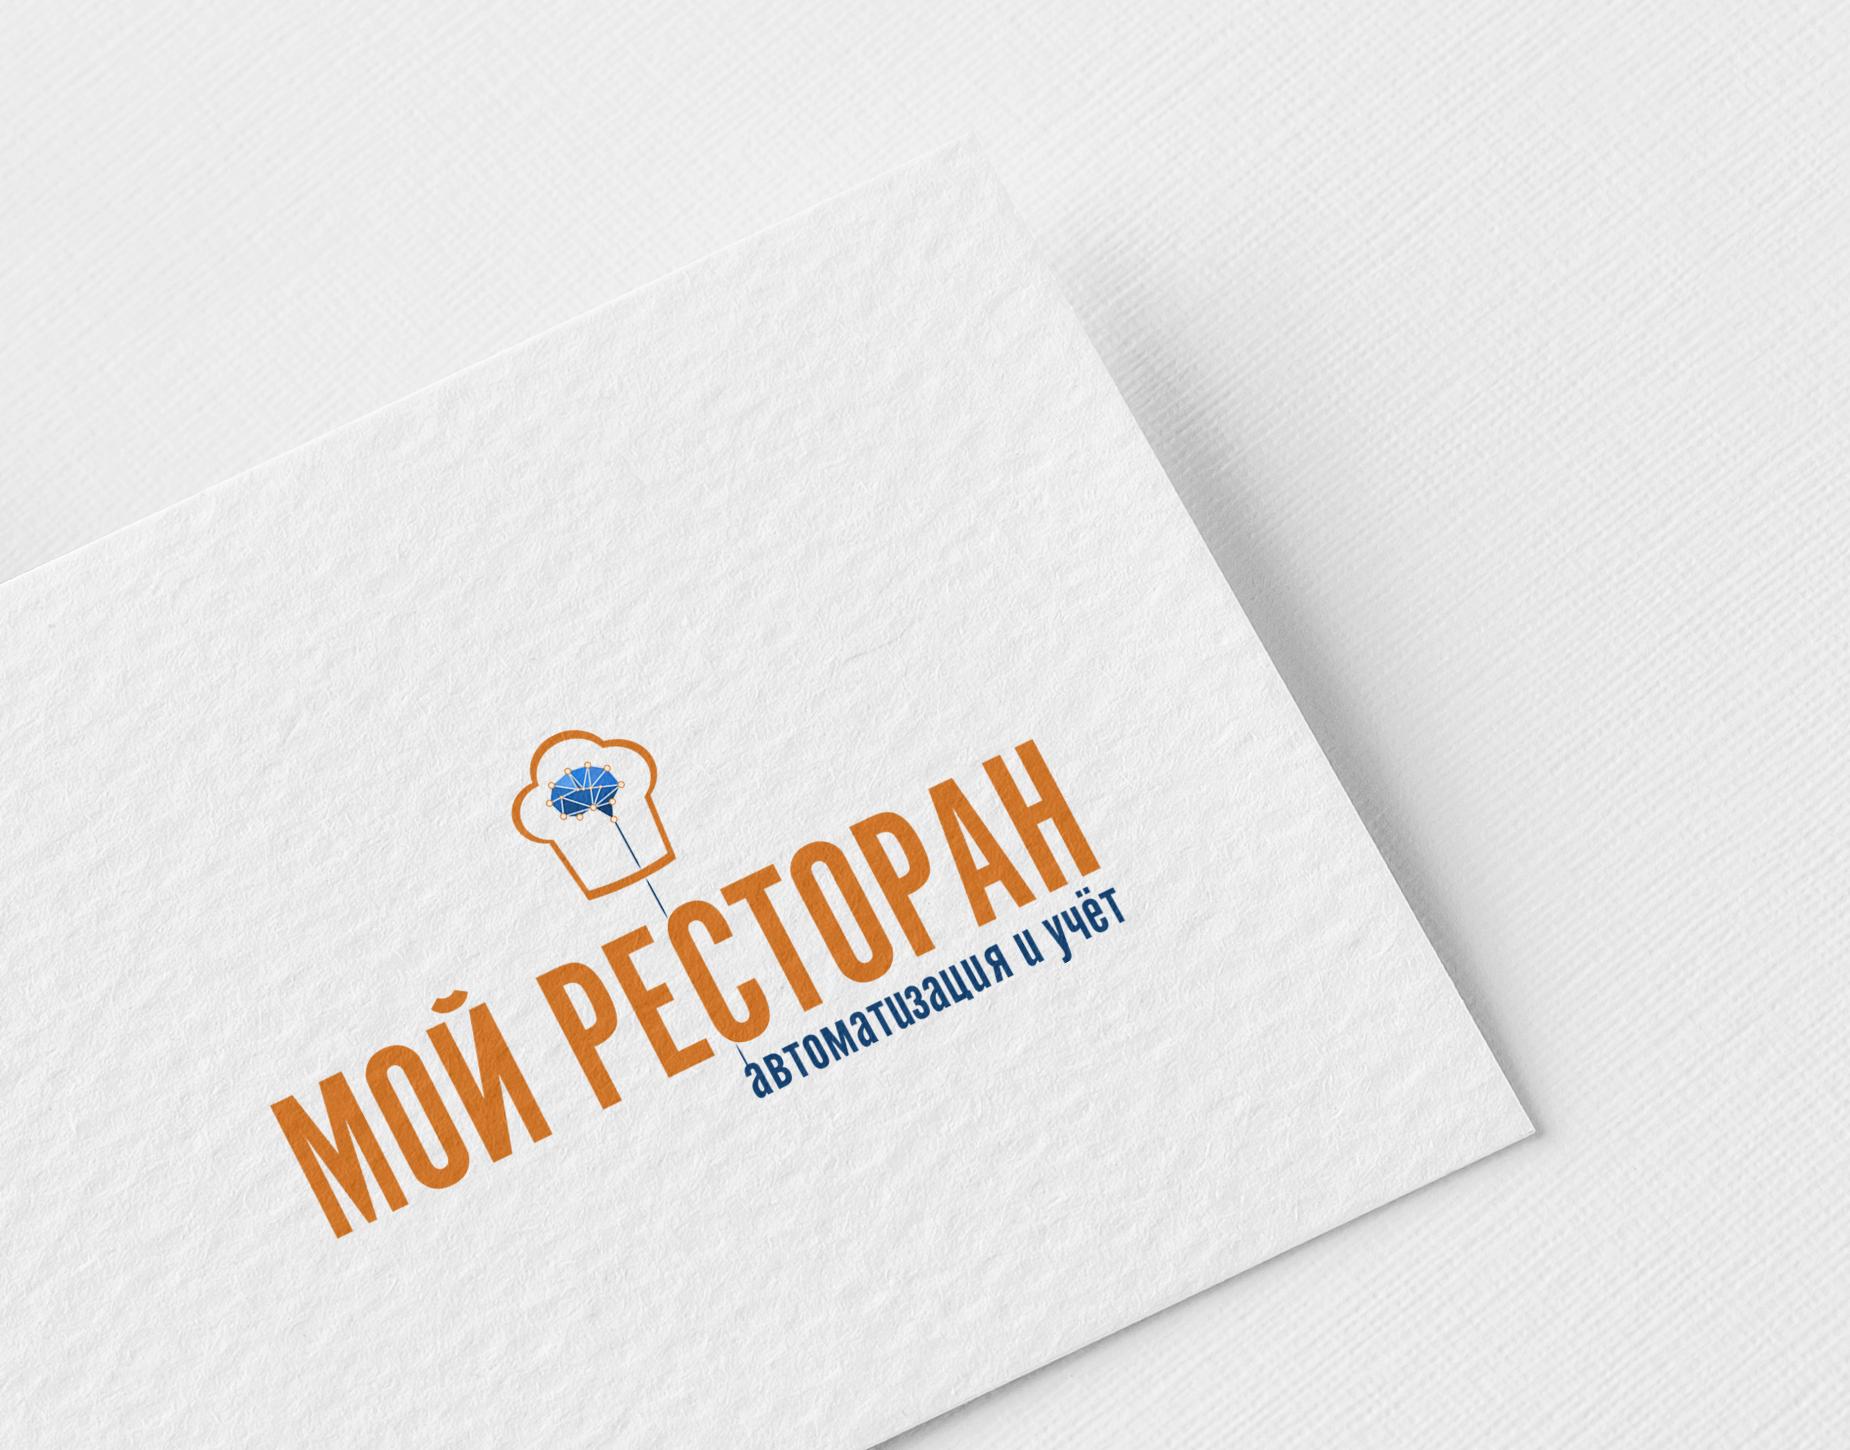 Разработать логотип и фавикон для IT- компании фото f_6705d53f6eaa6b41.png